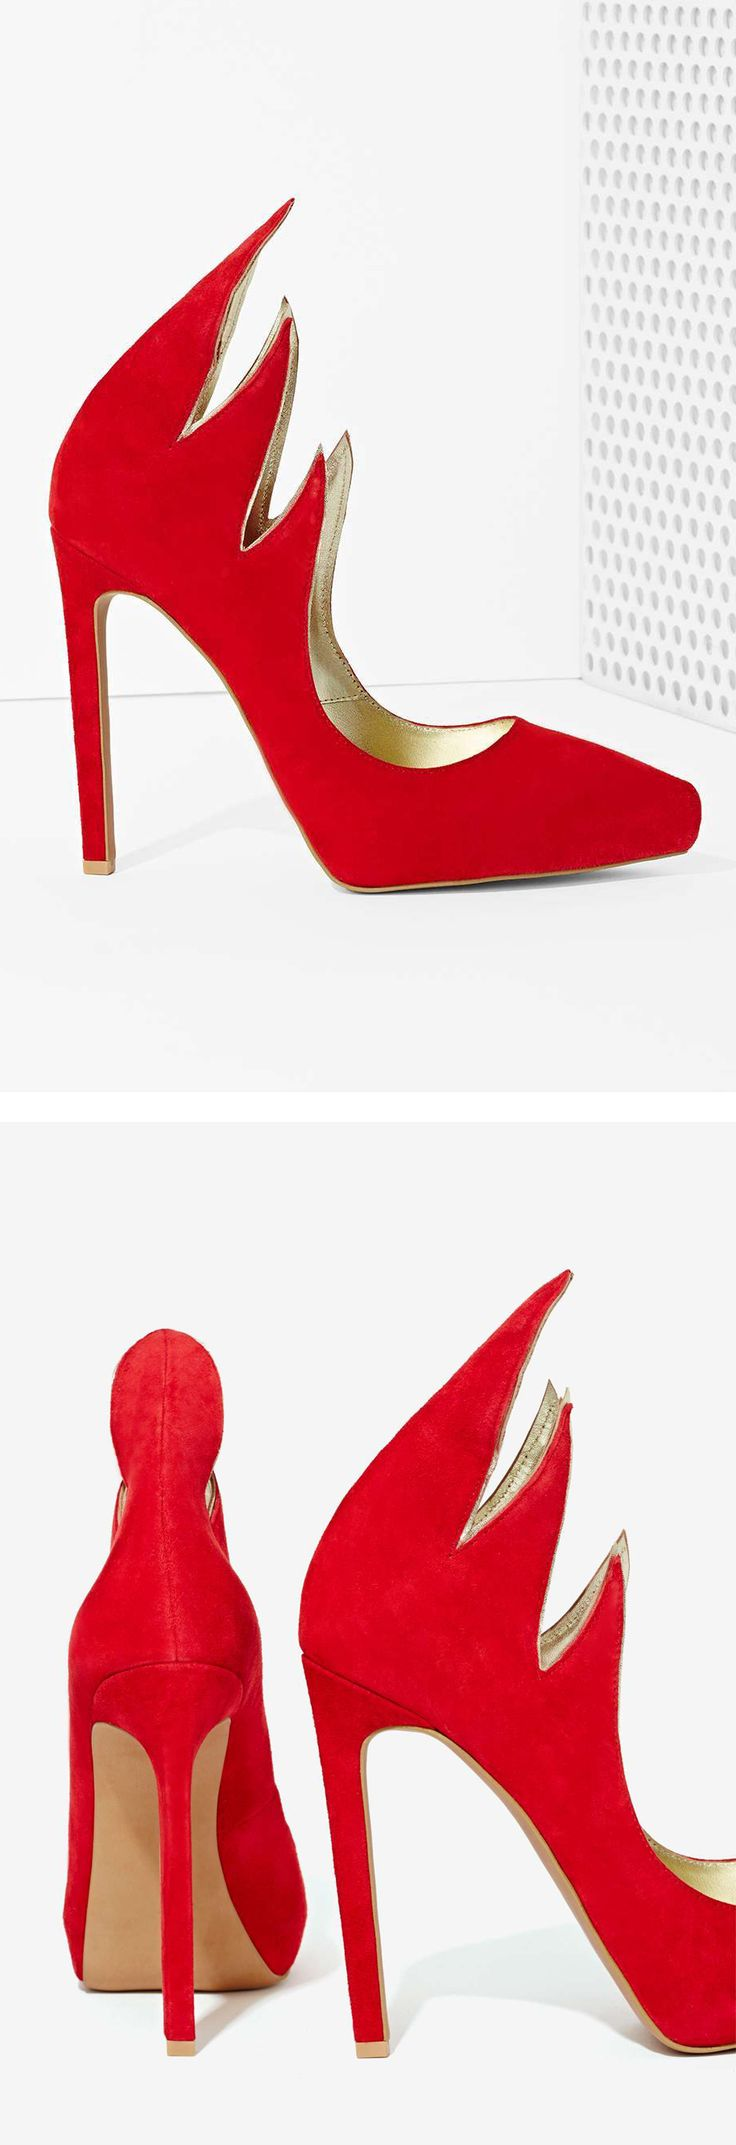 Miss Millionairess / Karen Cox. Jeffrey Campbell Red Flames high heel pumps